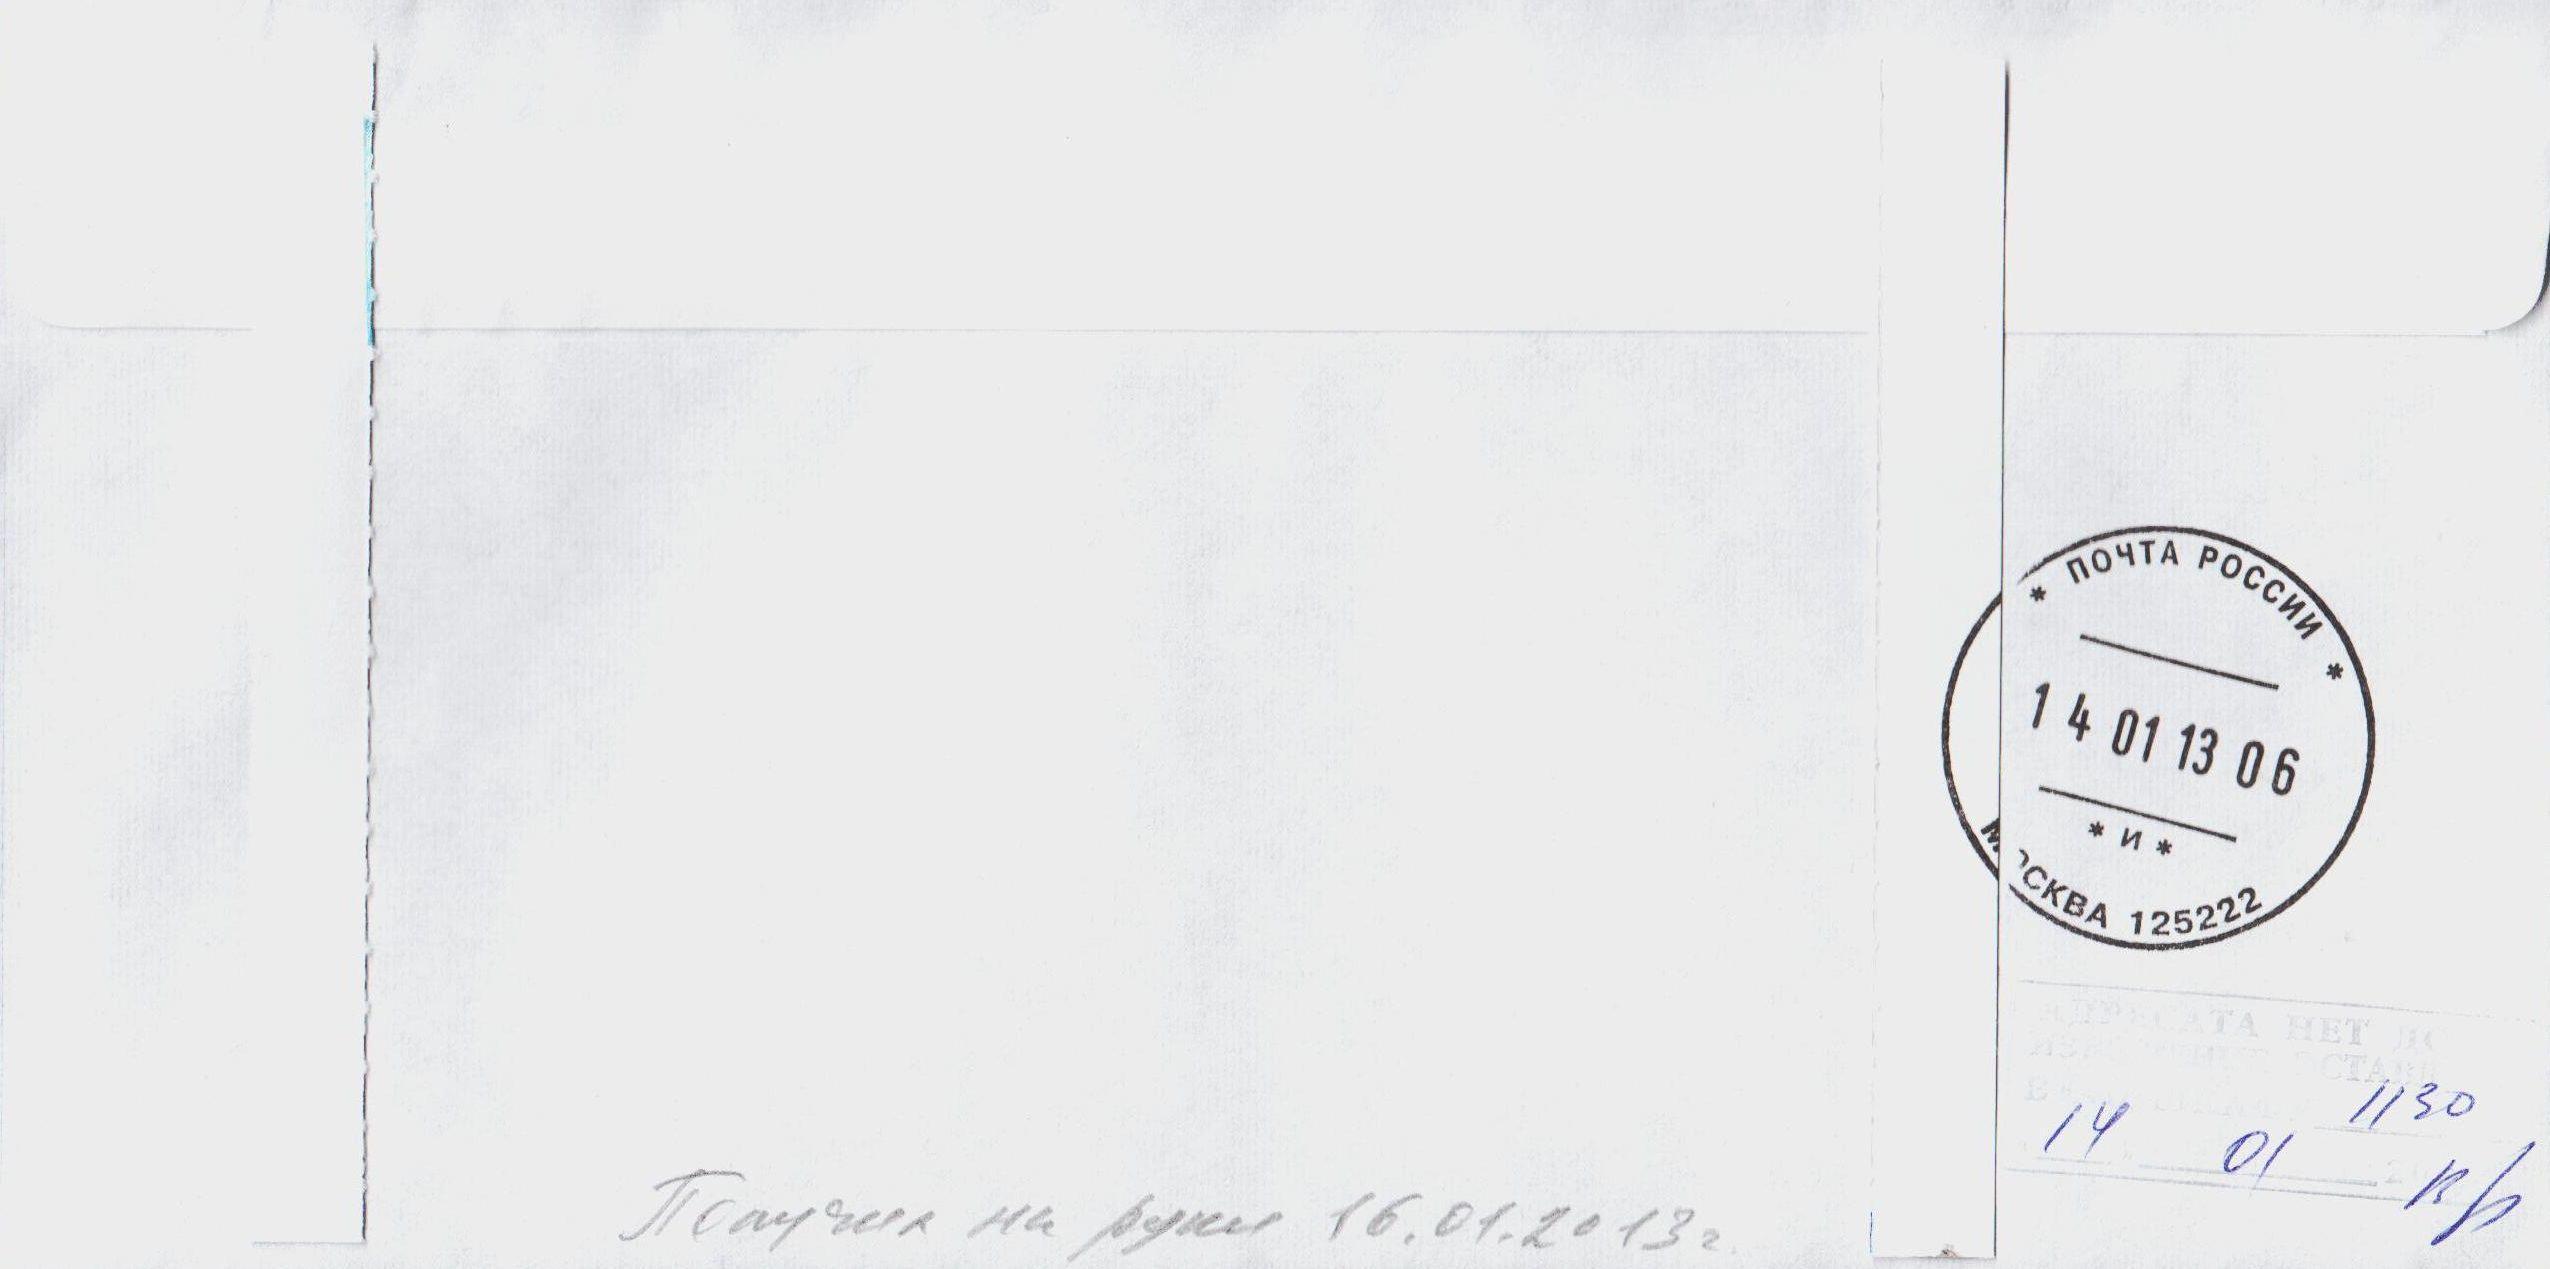 2013 01 16 повестка_конверт2_2